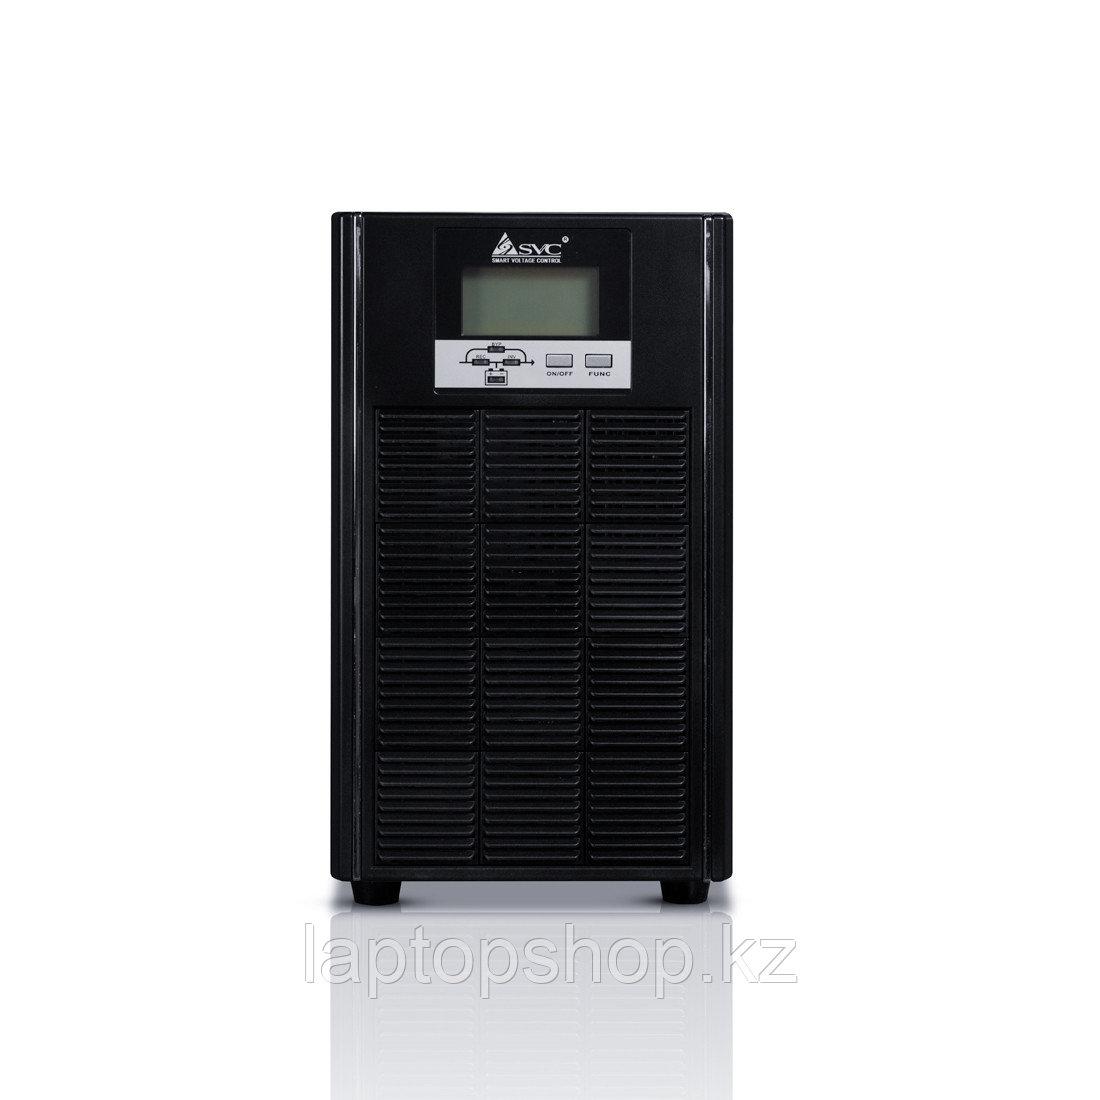 Источник бесперебойного питания SVC PTX-10KL-LCD, Мощность 10кВА/10кВт